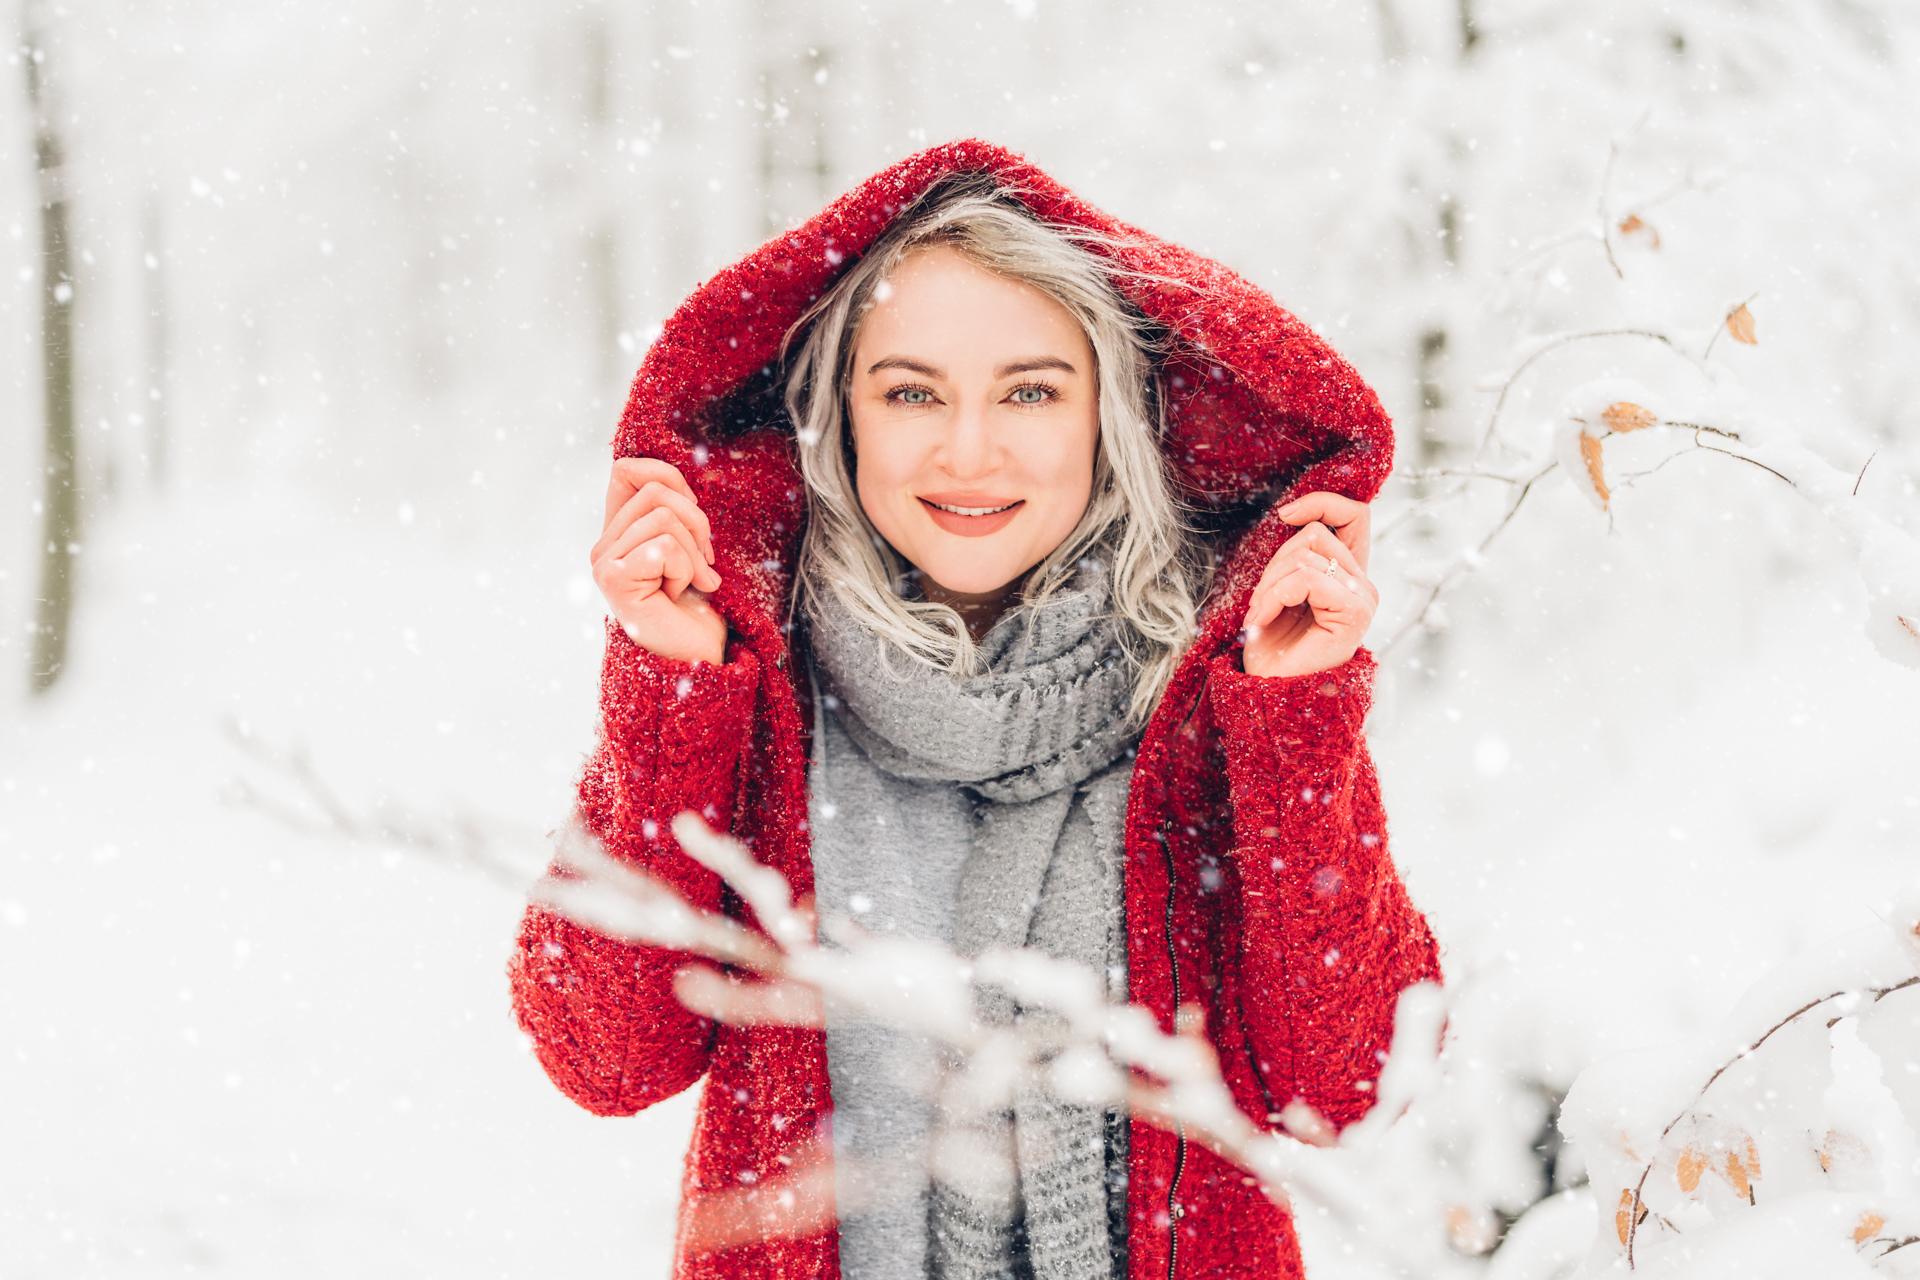 Schöne Portraits in winterlicher Landschaft, Rotkäppchen